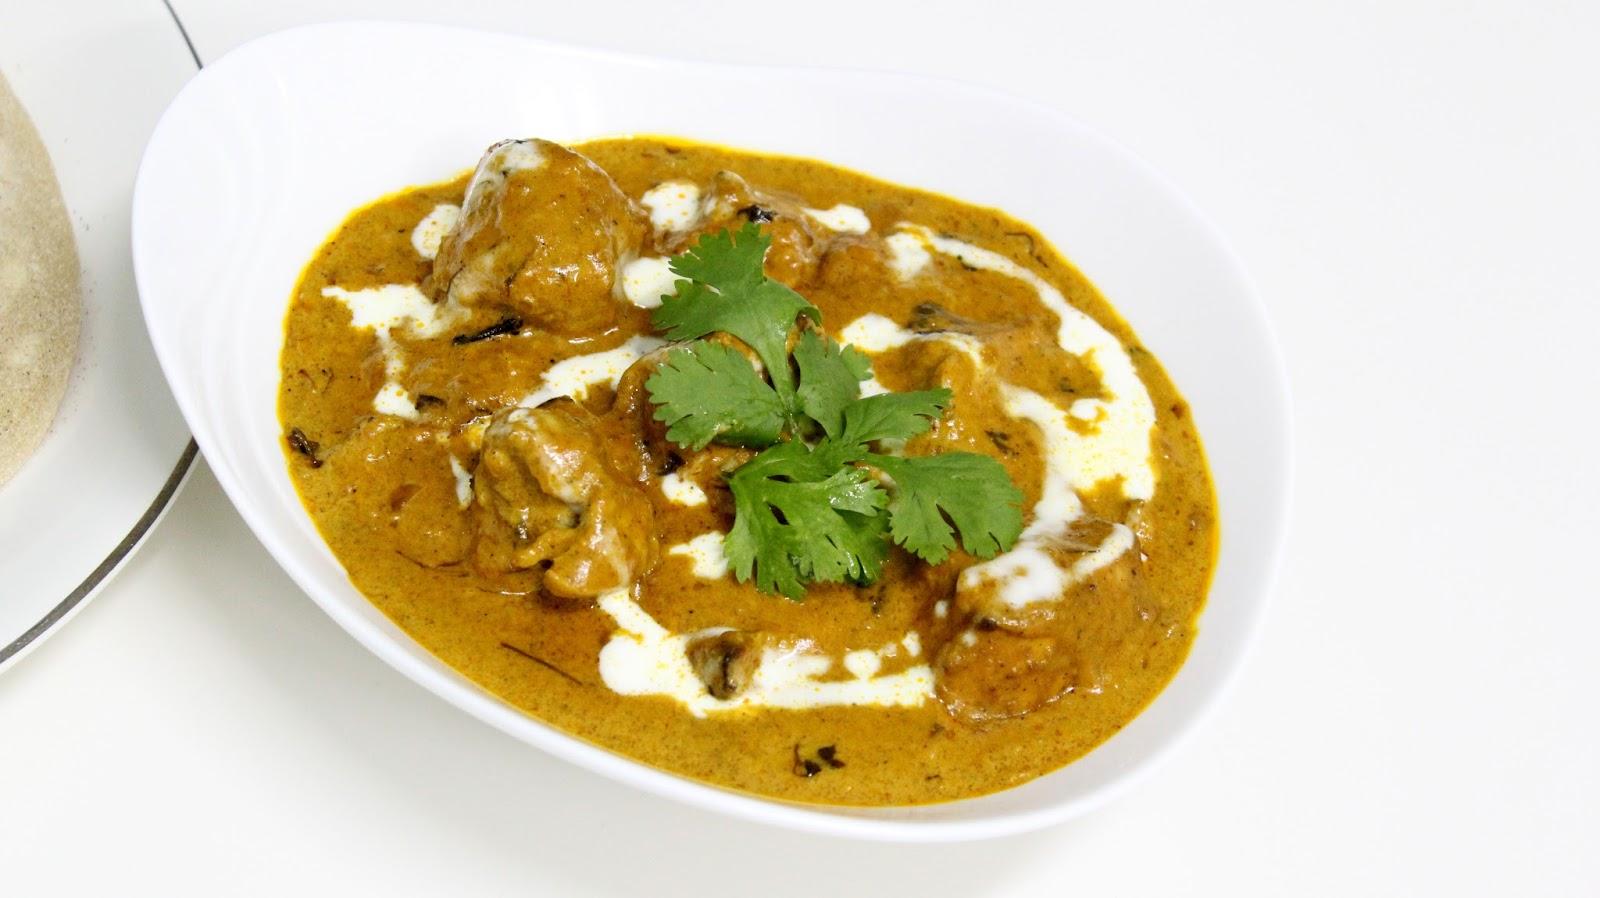 Butter chicken murgh makhani kenzcuisine - Herve cuisine butter chicken ...